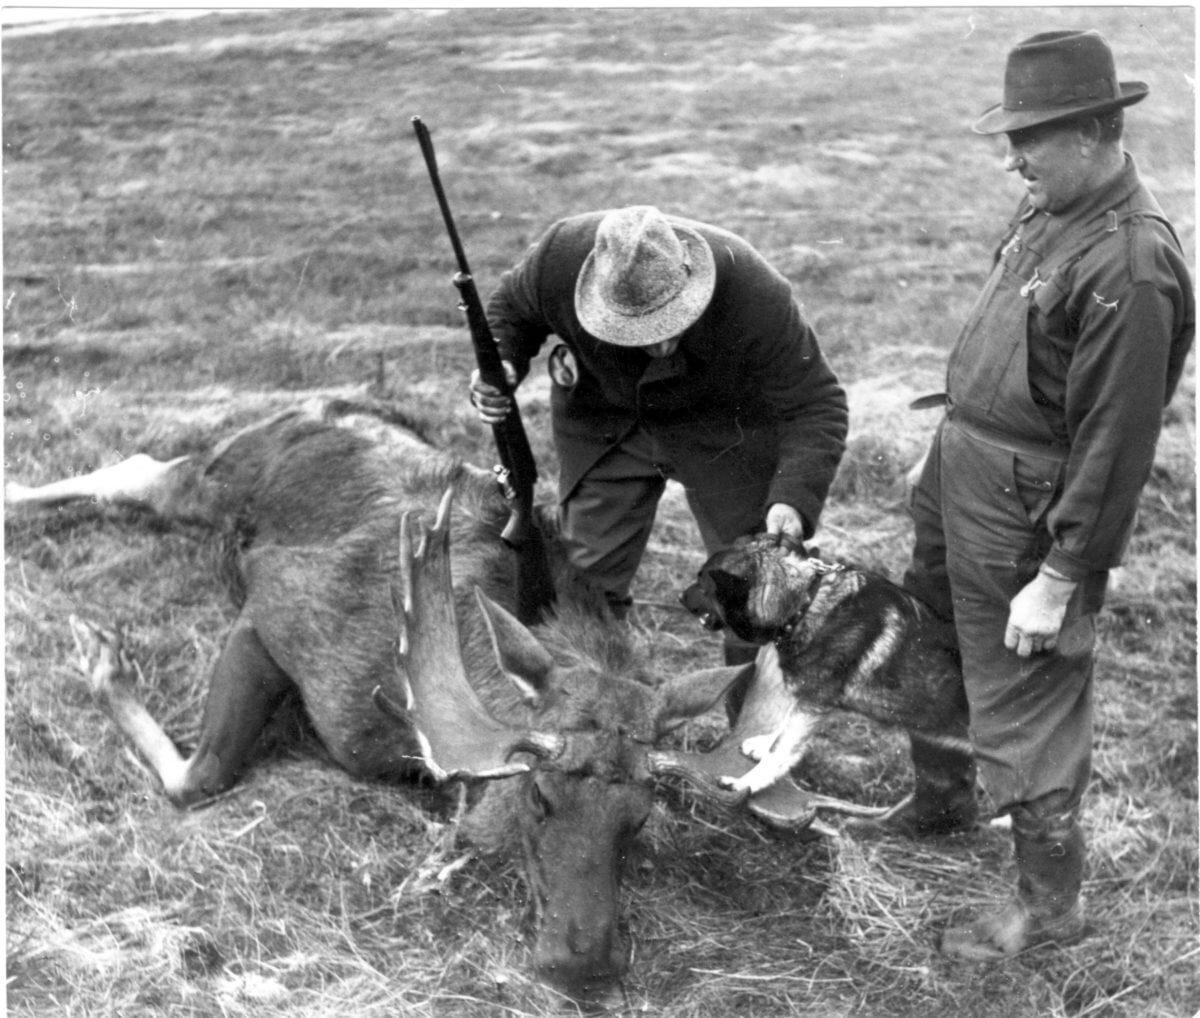 Två män och en jakthund intill en skjuten älg.